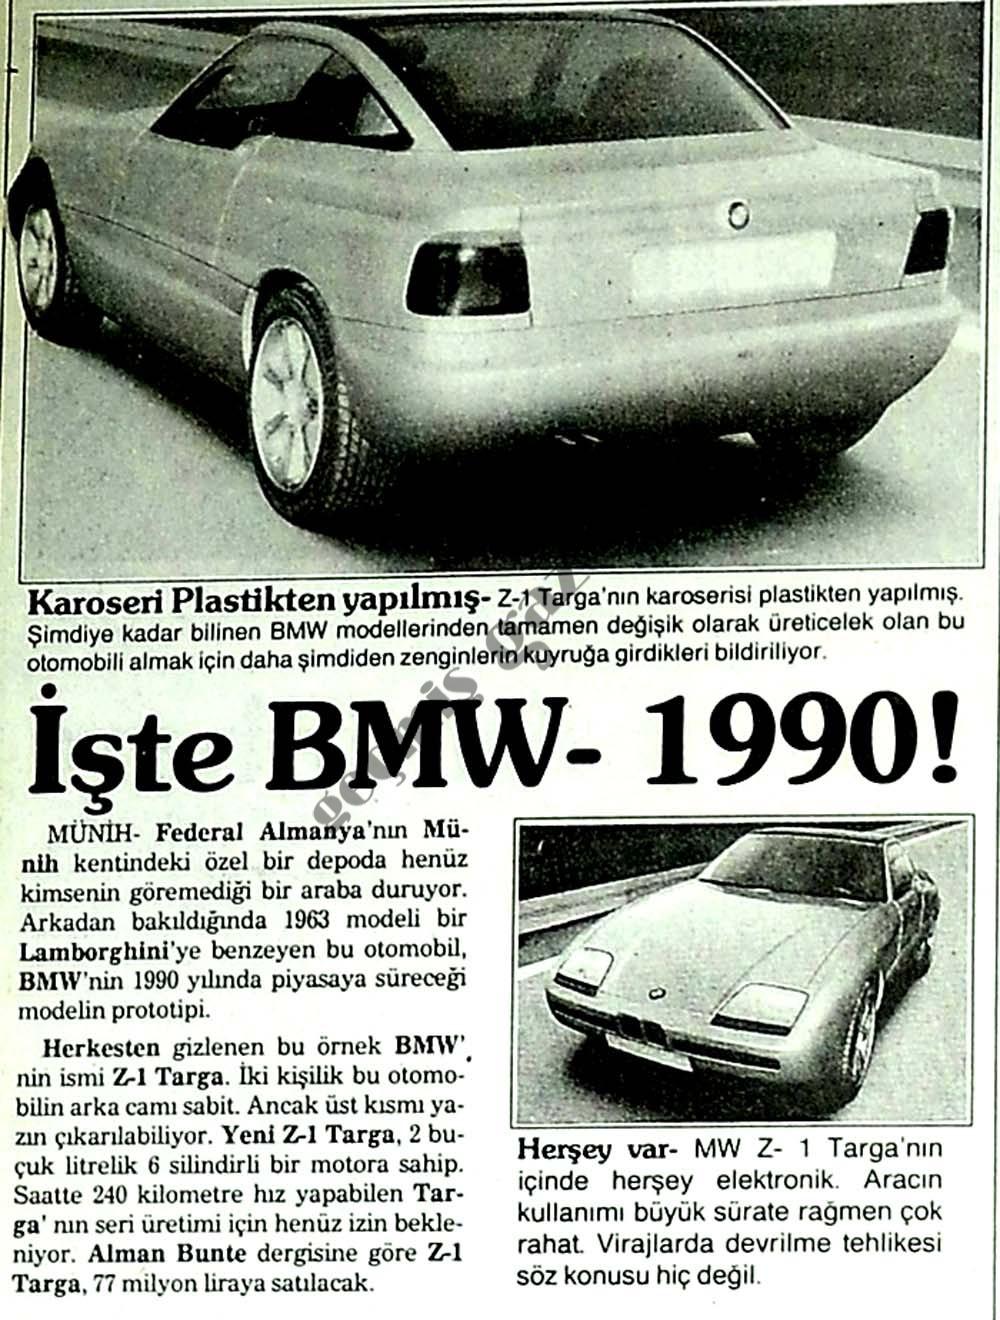 İşte BMW-1990!